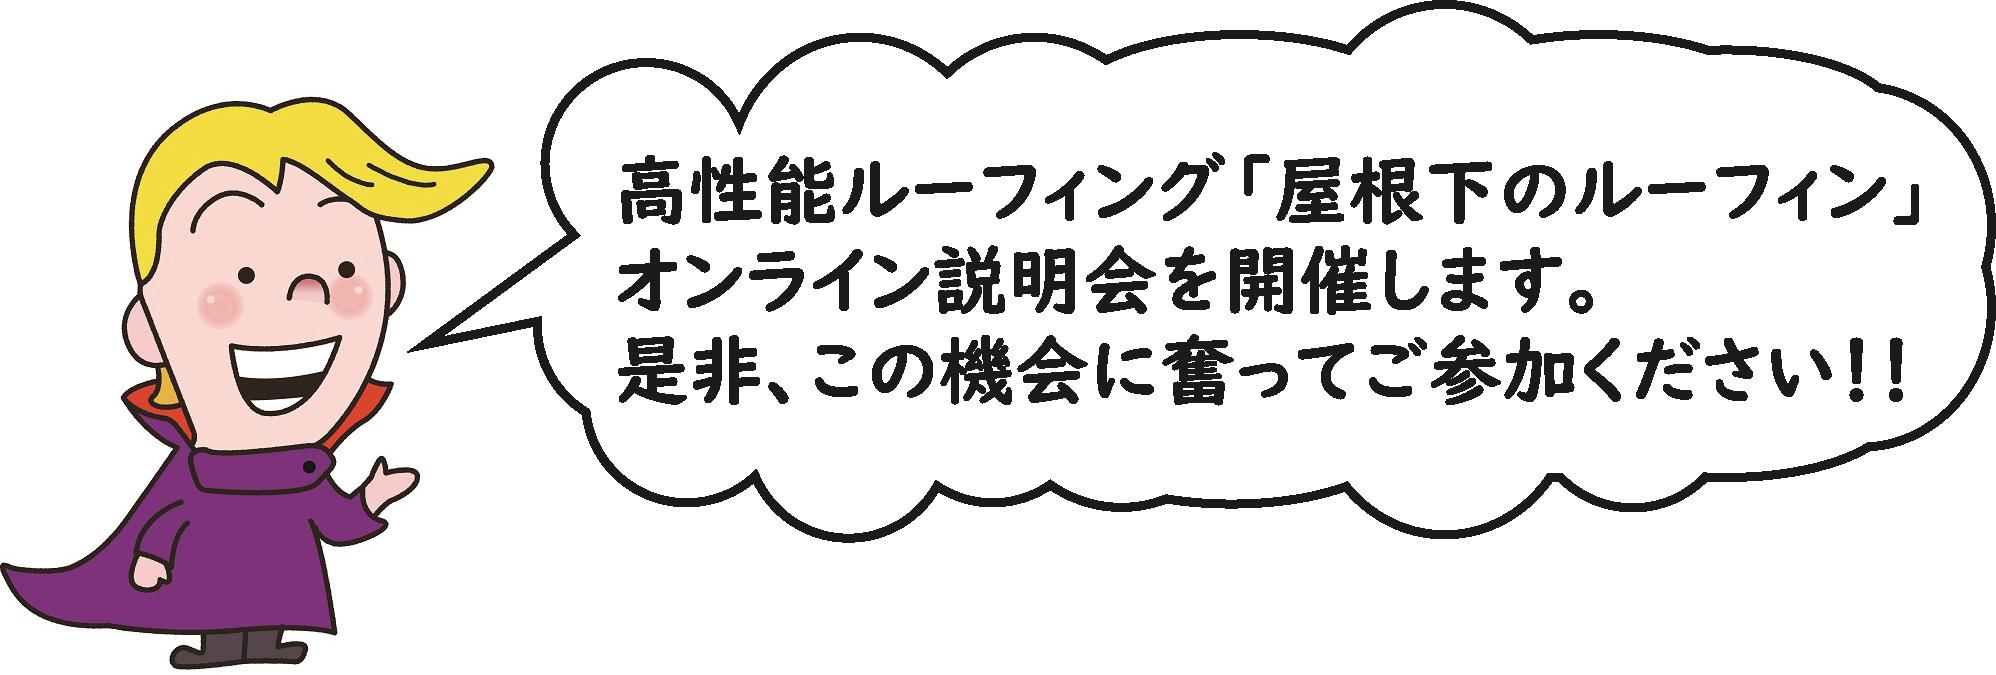 【オンライン説明会】雨漏り保証10年「屋根下のルーフィン」オンライン説明会のお知らせ